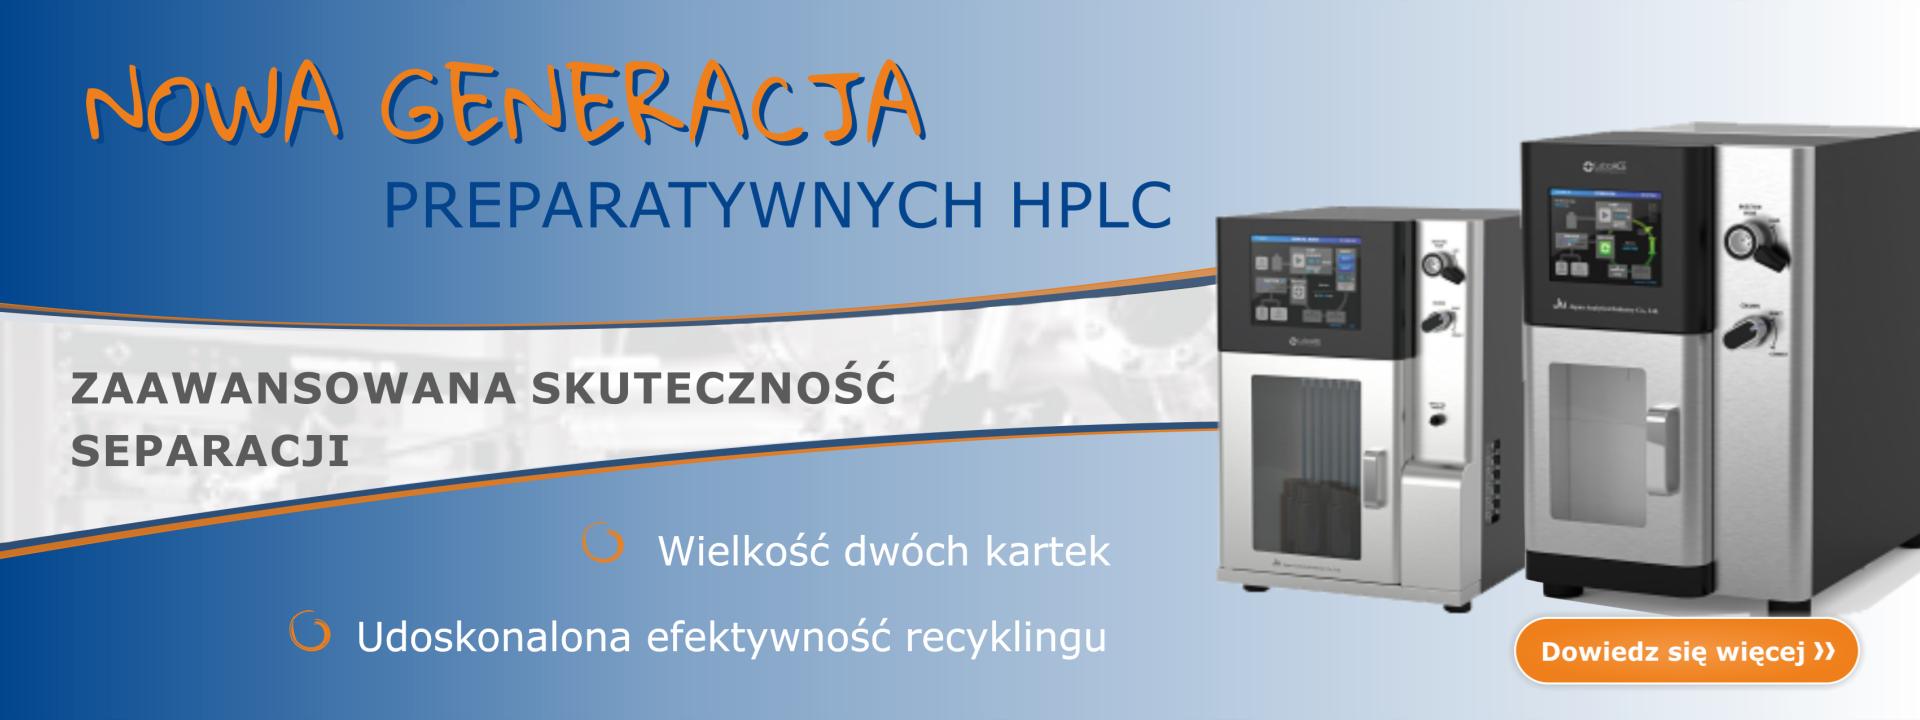 Preparatywna HPCL z recyklingiem